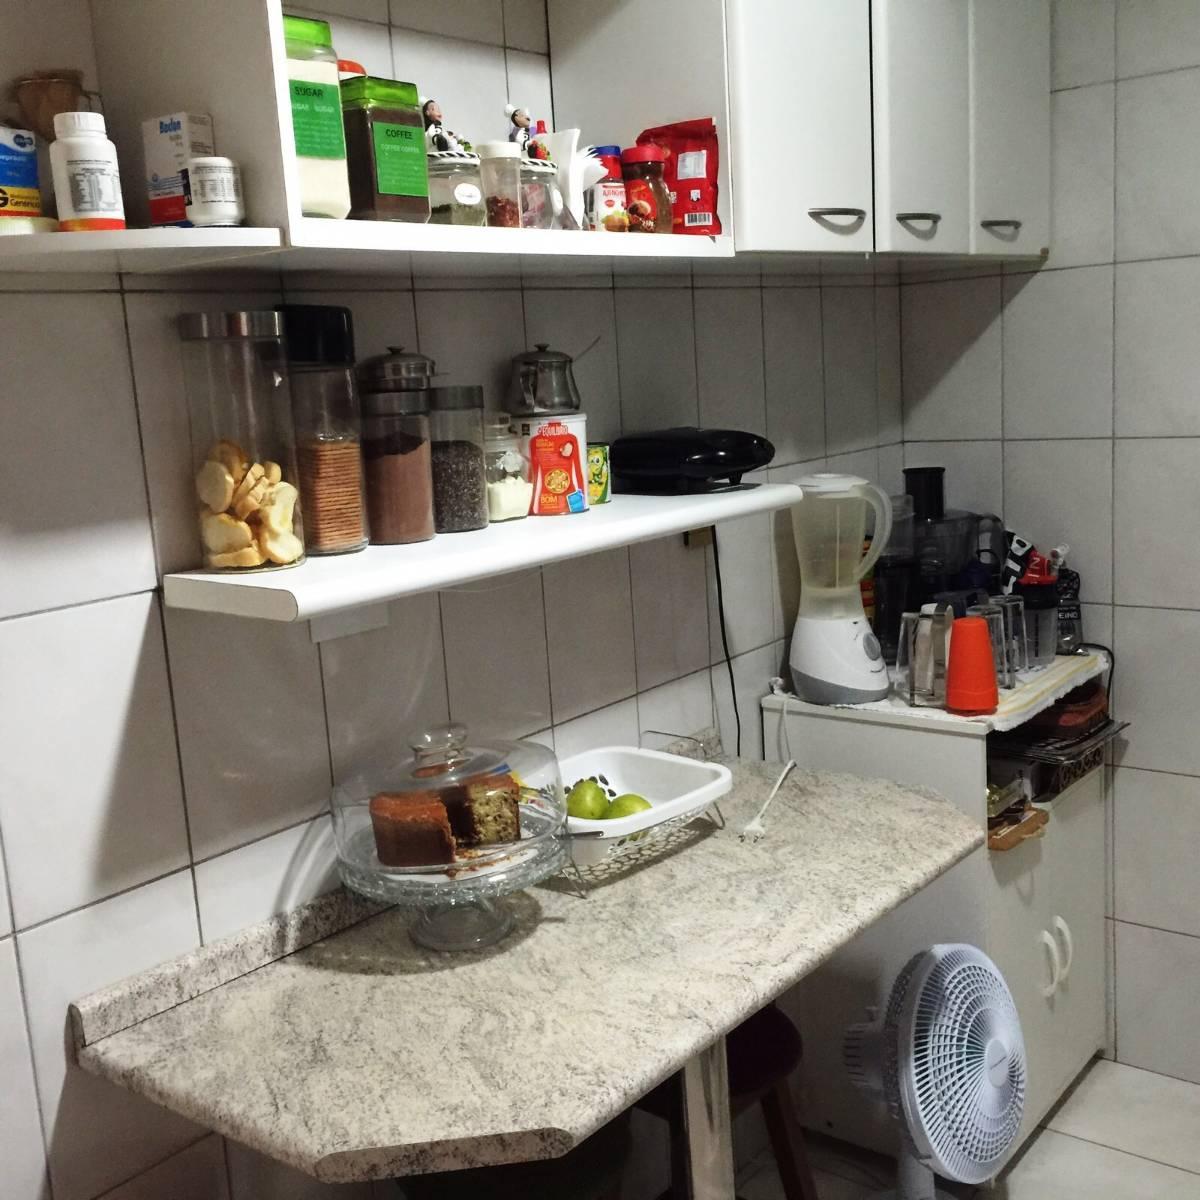 #AE2B1D Apartamento à venda com 3 Quartos Costa Azul Salvador R$ 317.000  1200x1200 px Banheiro Do Parque Costa Azul 3345